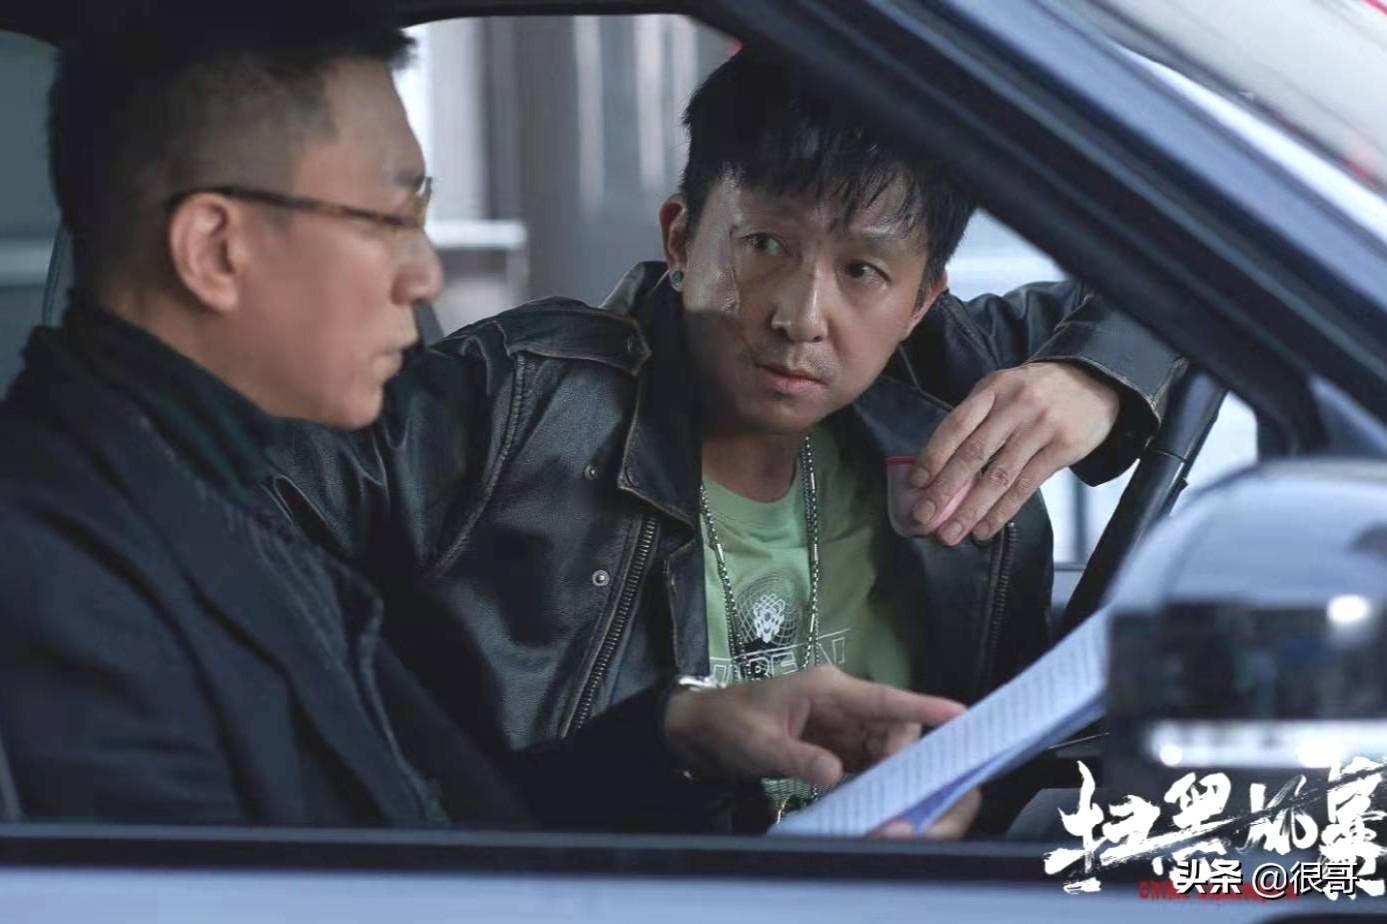 孙浩凭《扫黑风暴》出圈,不仅演技获赞,网友还给他起了个绰号